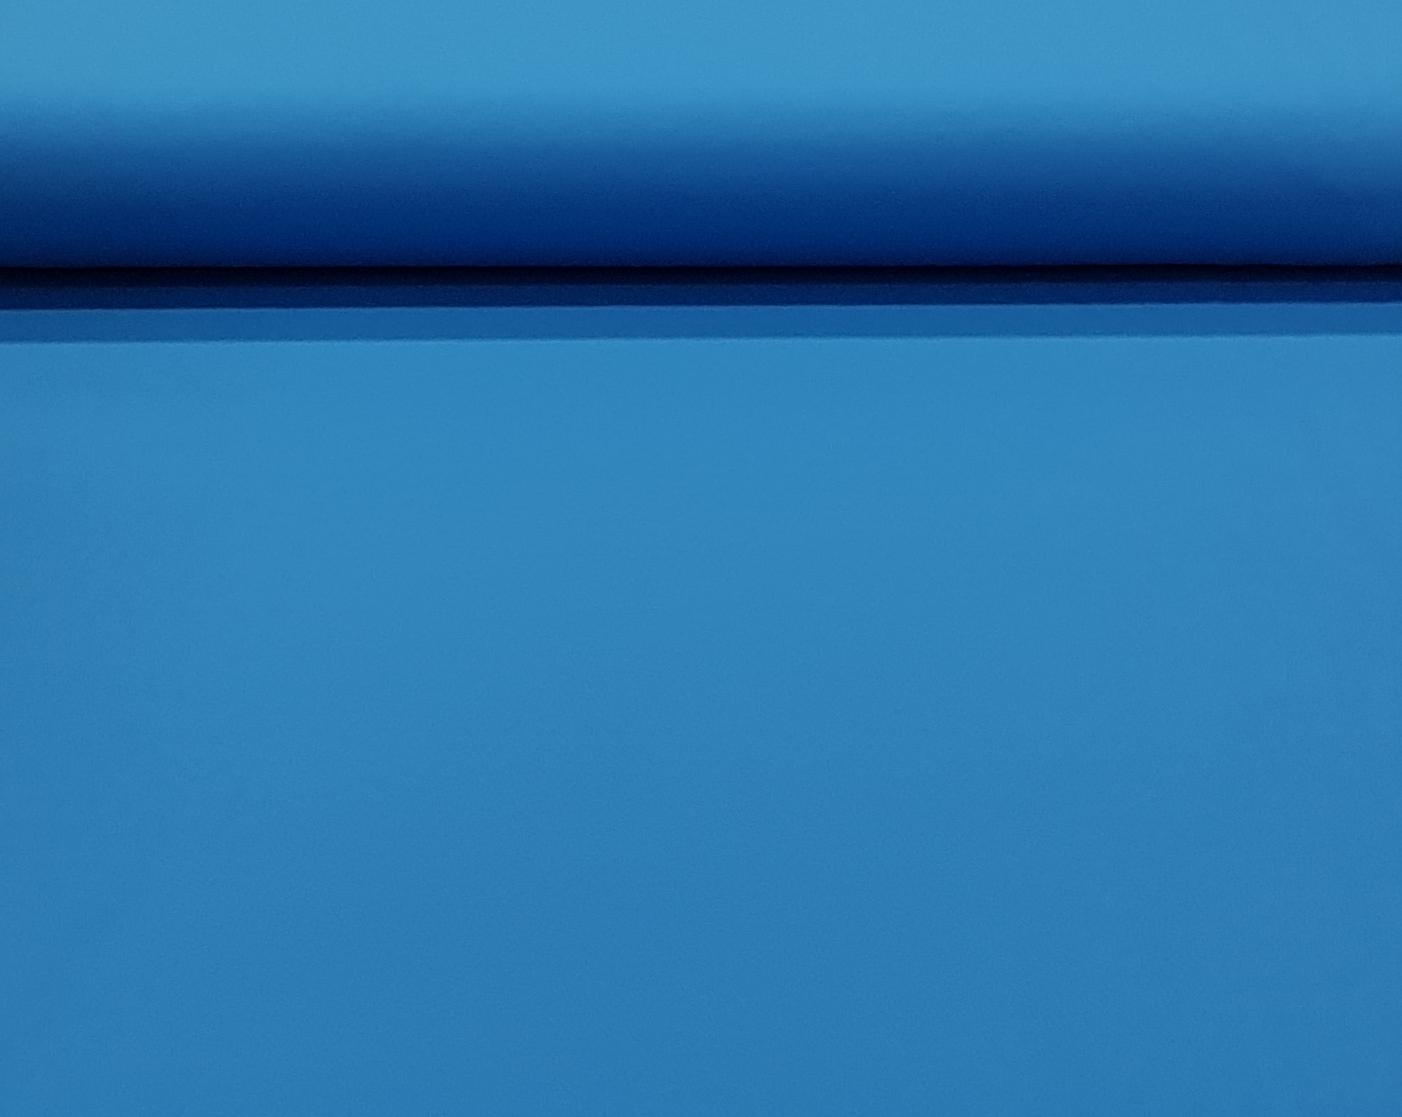 unitricotgentiaanblauw